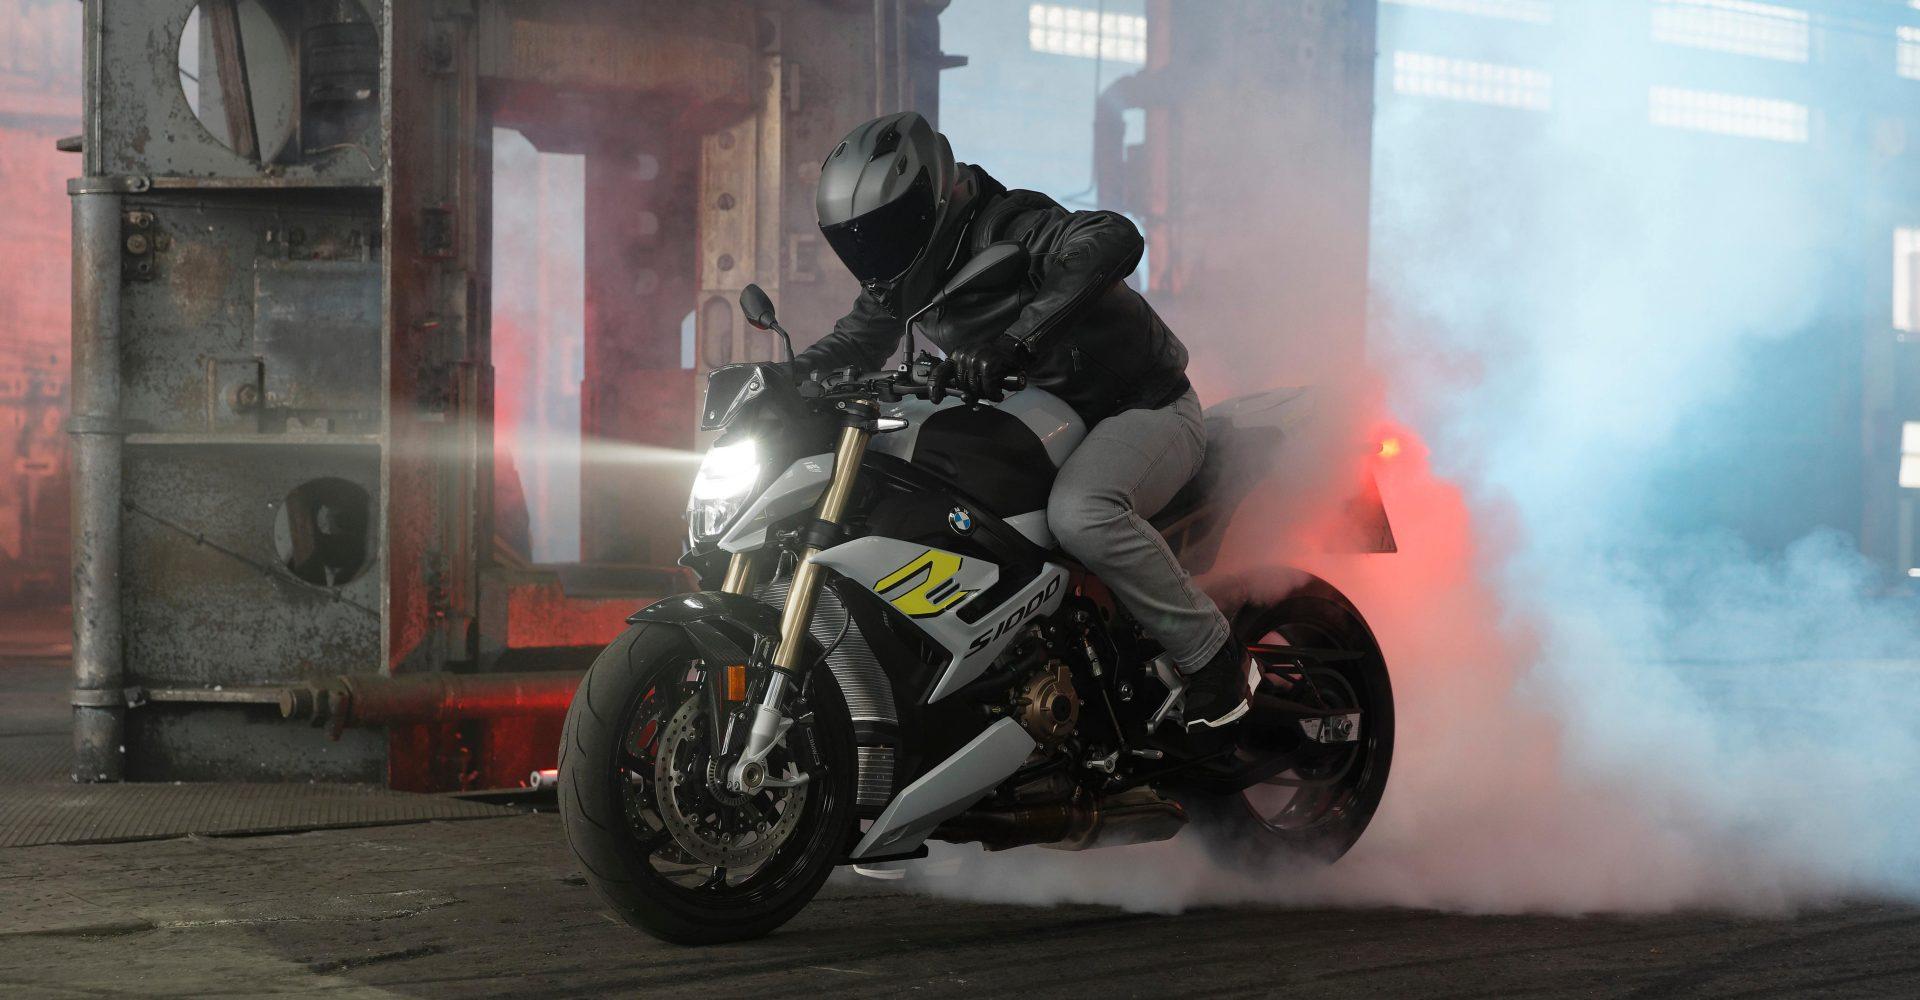 BMW reveals new S1000R